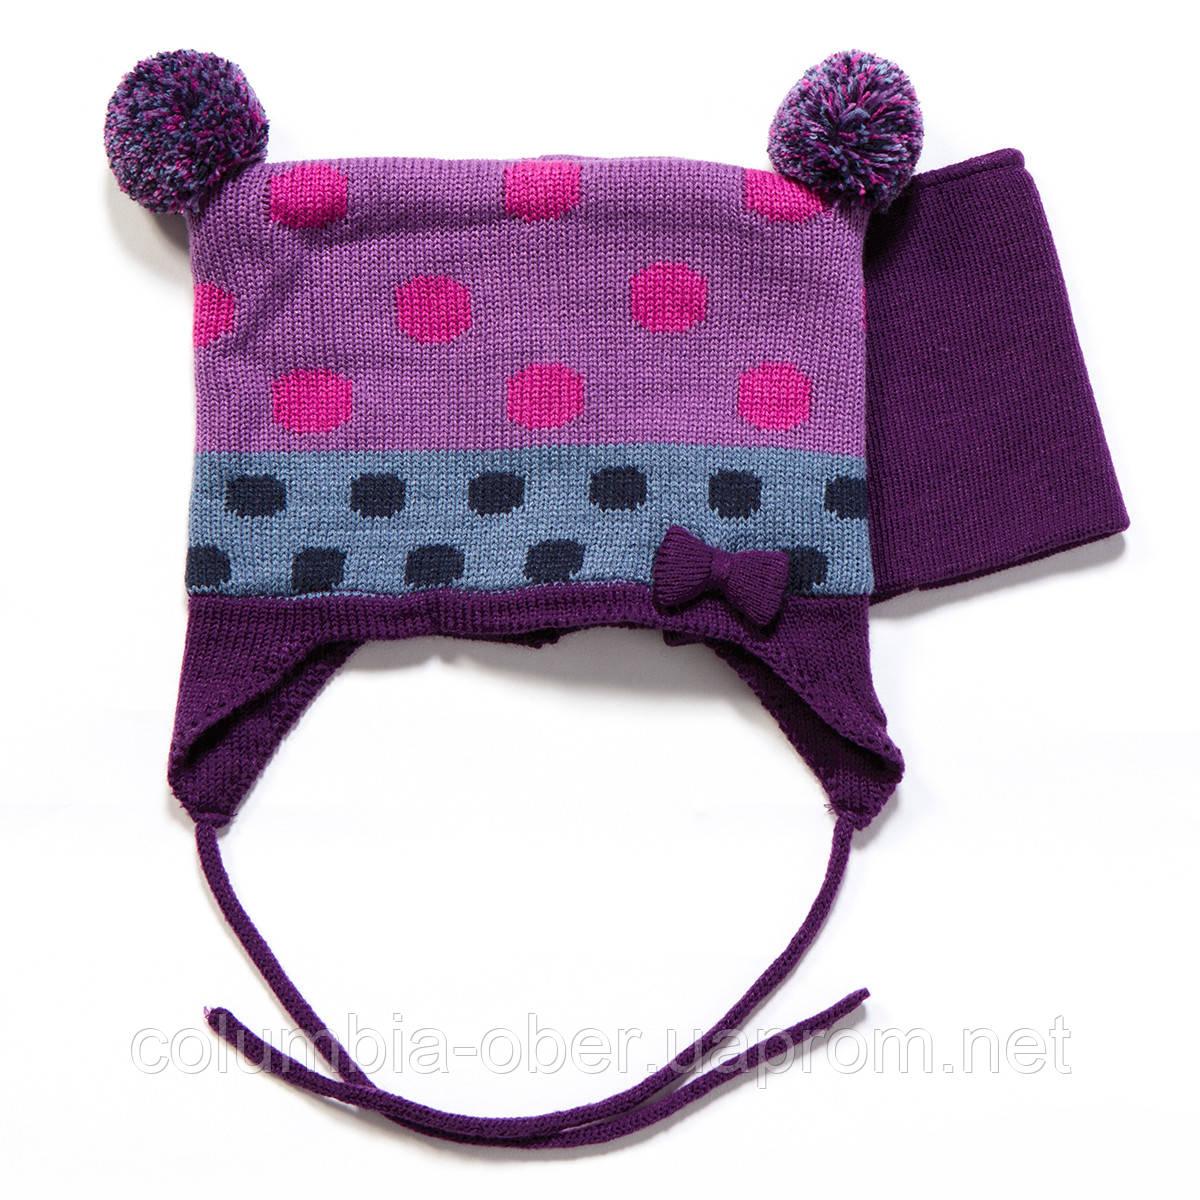 Зимняя шапка+манишка для девочки PELUCHE F17 ACC 08 BF Royal Berry. Размеры 0/6 м - 2/3 г .